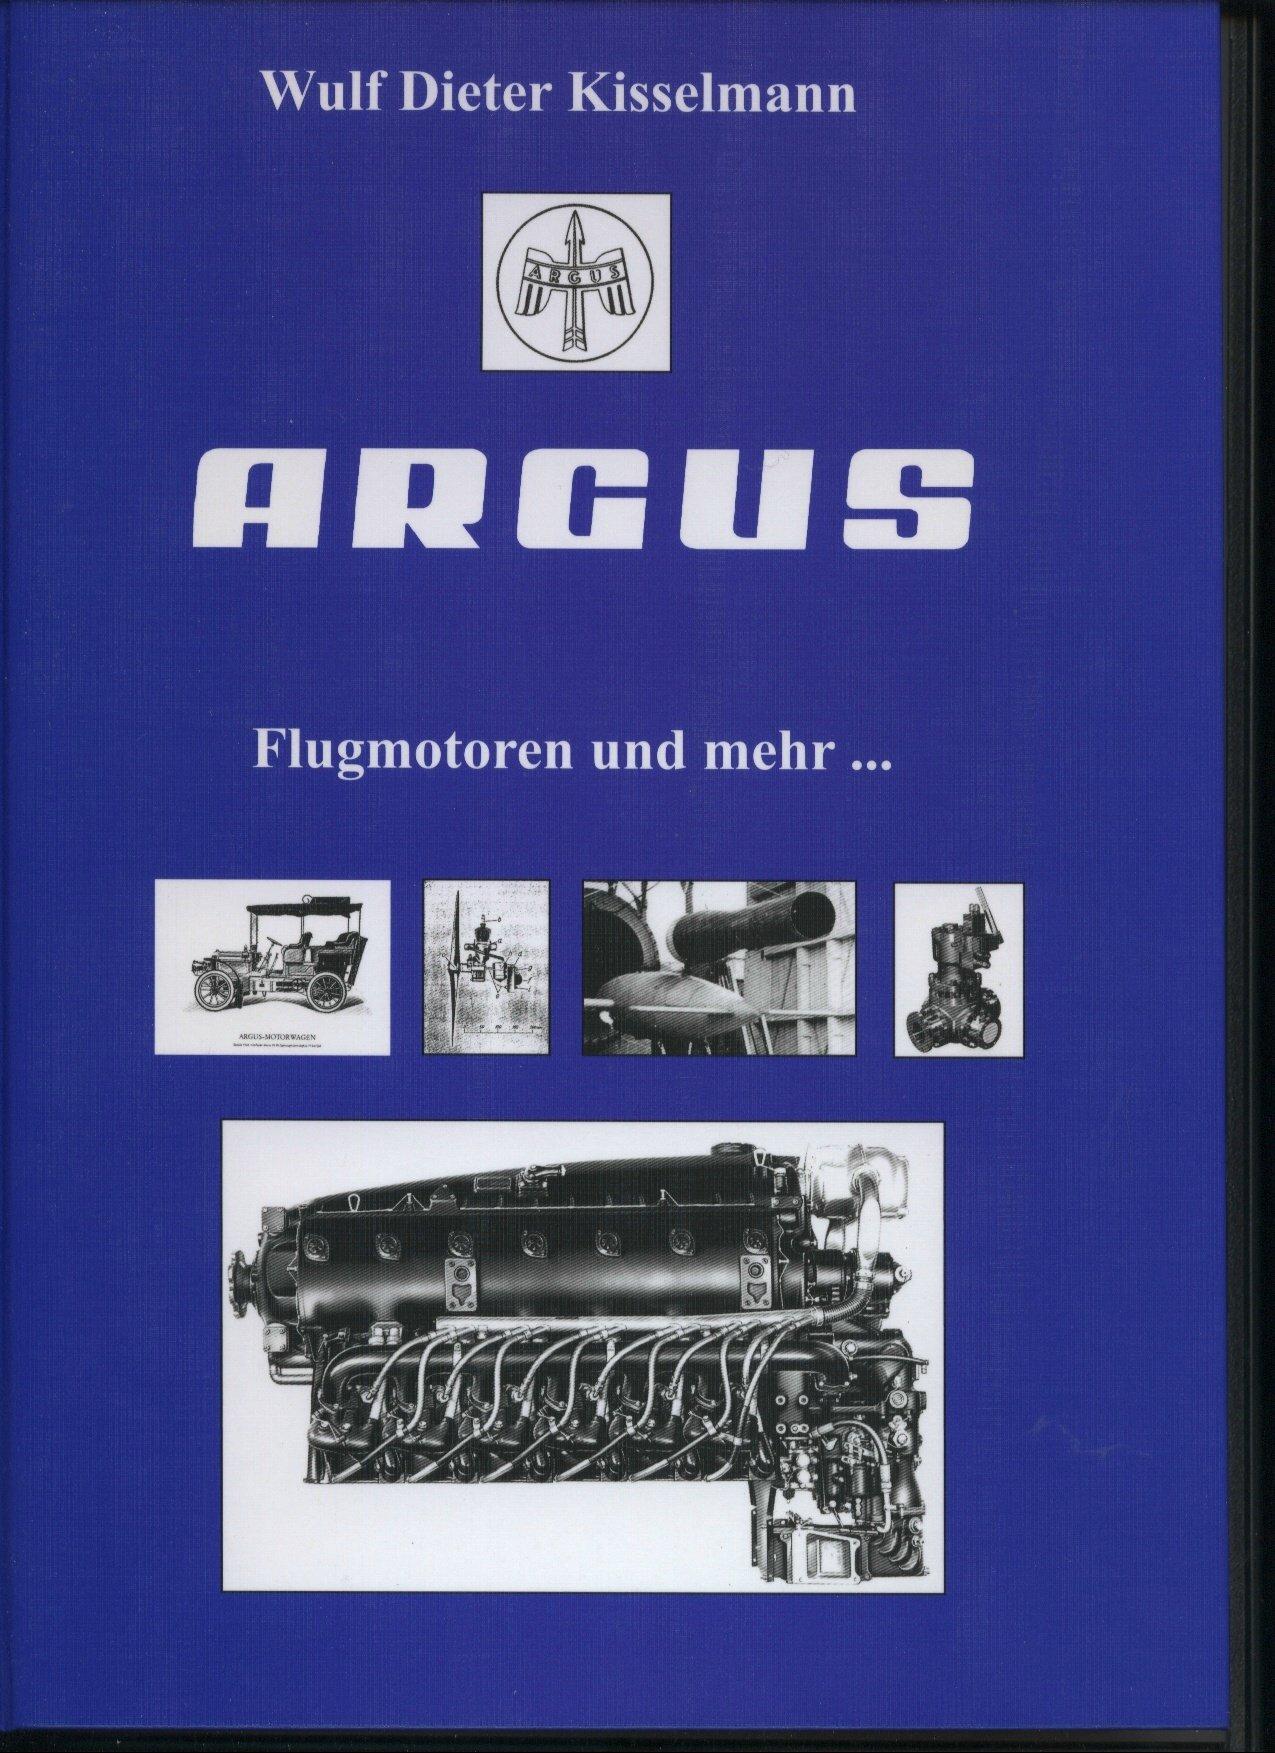 ARGUS: Flugmotoren und mehr ... (Edition Schiff & Flugzeug-Verlagsbuchhandlung)